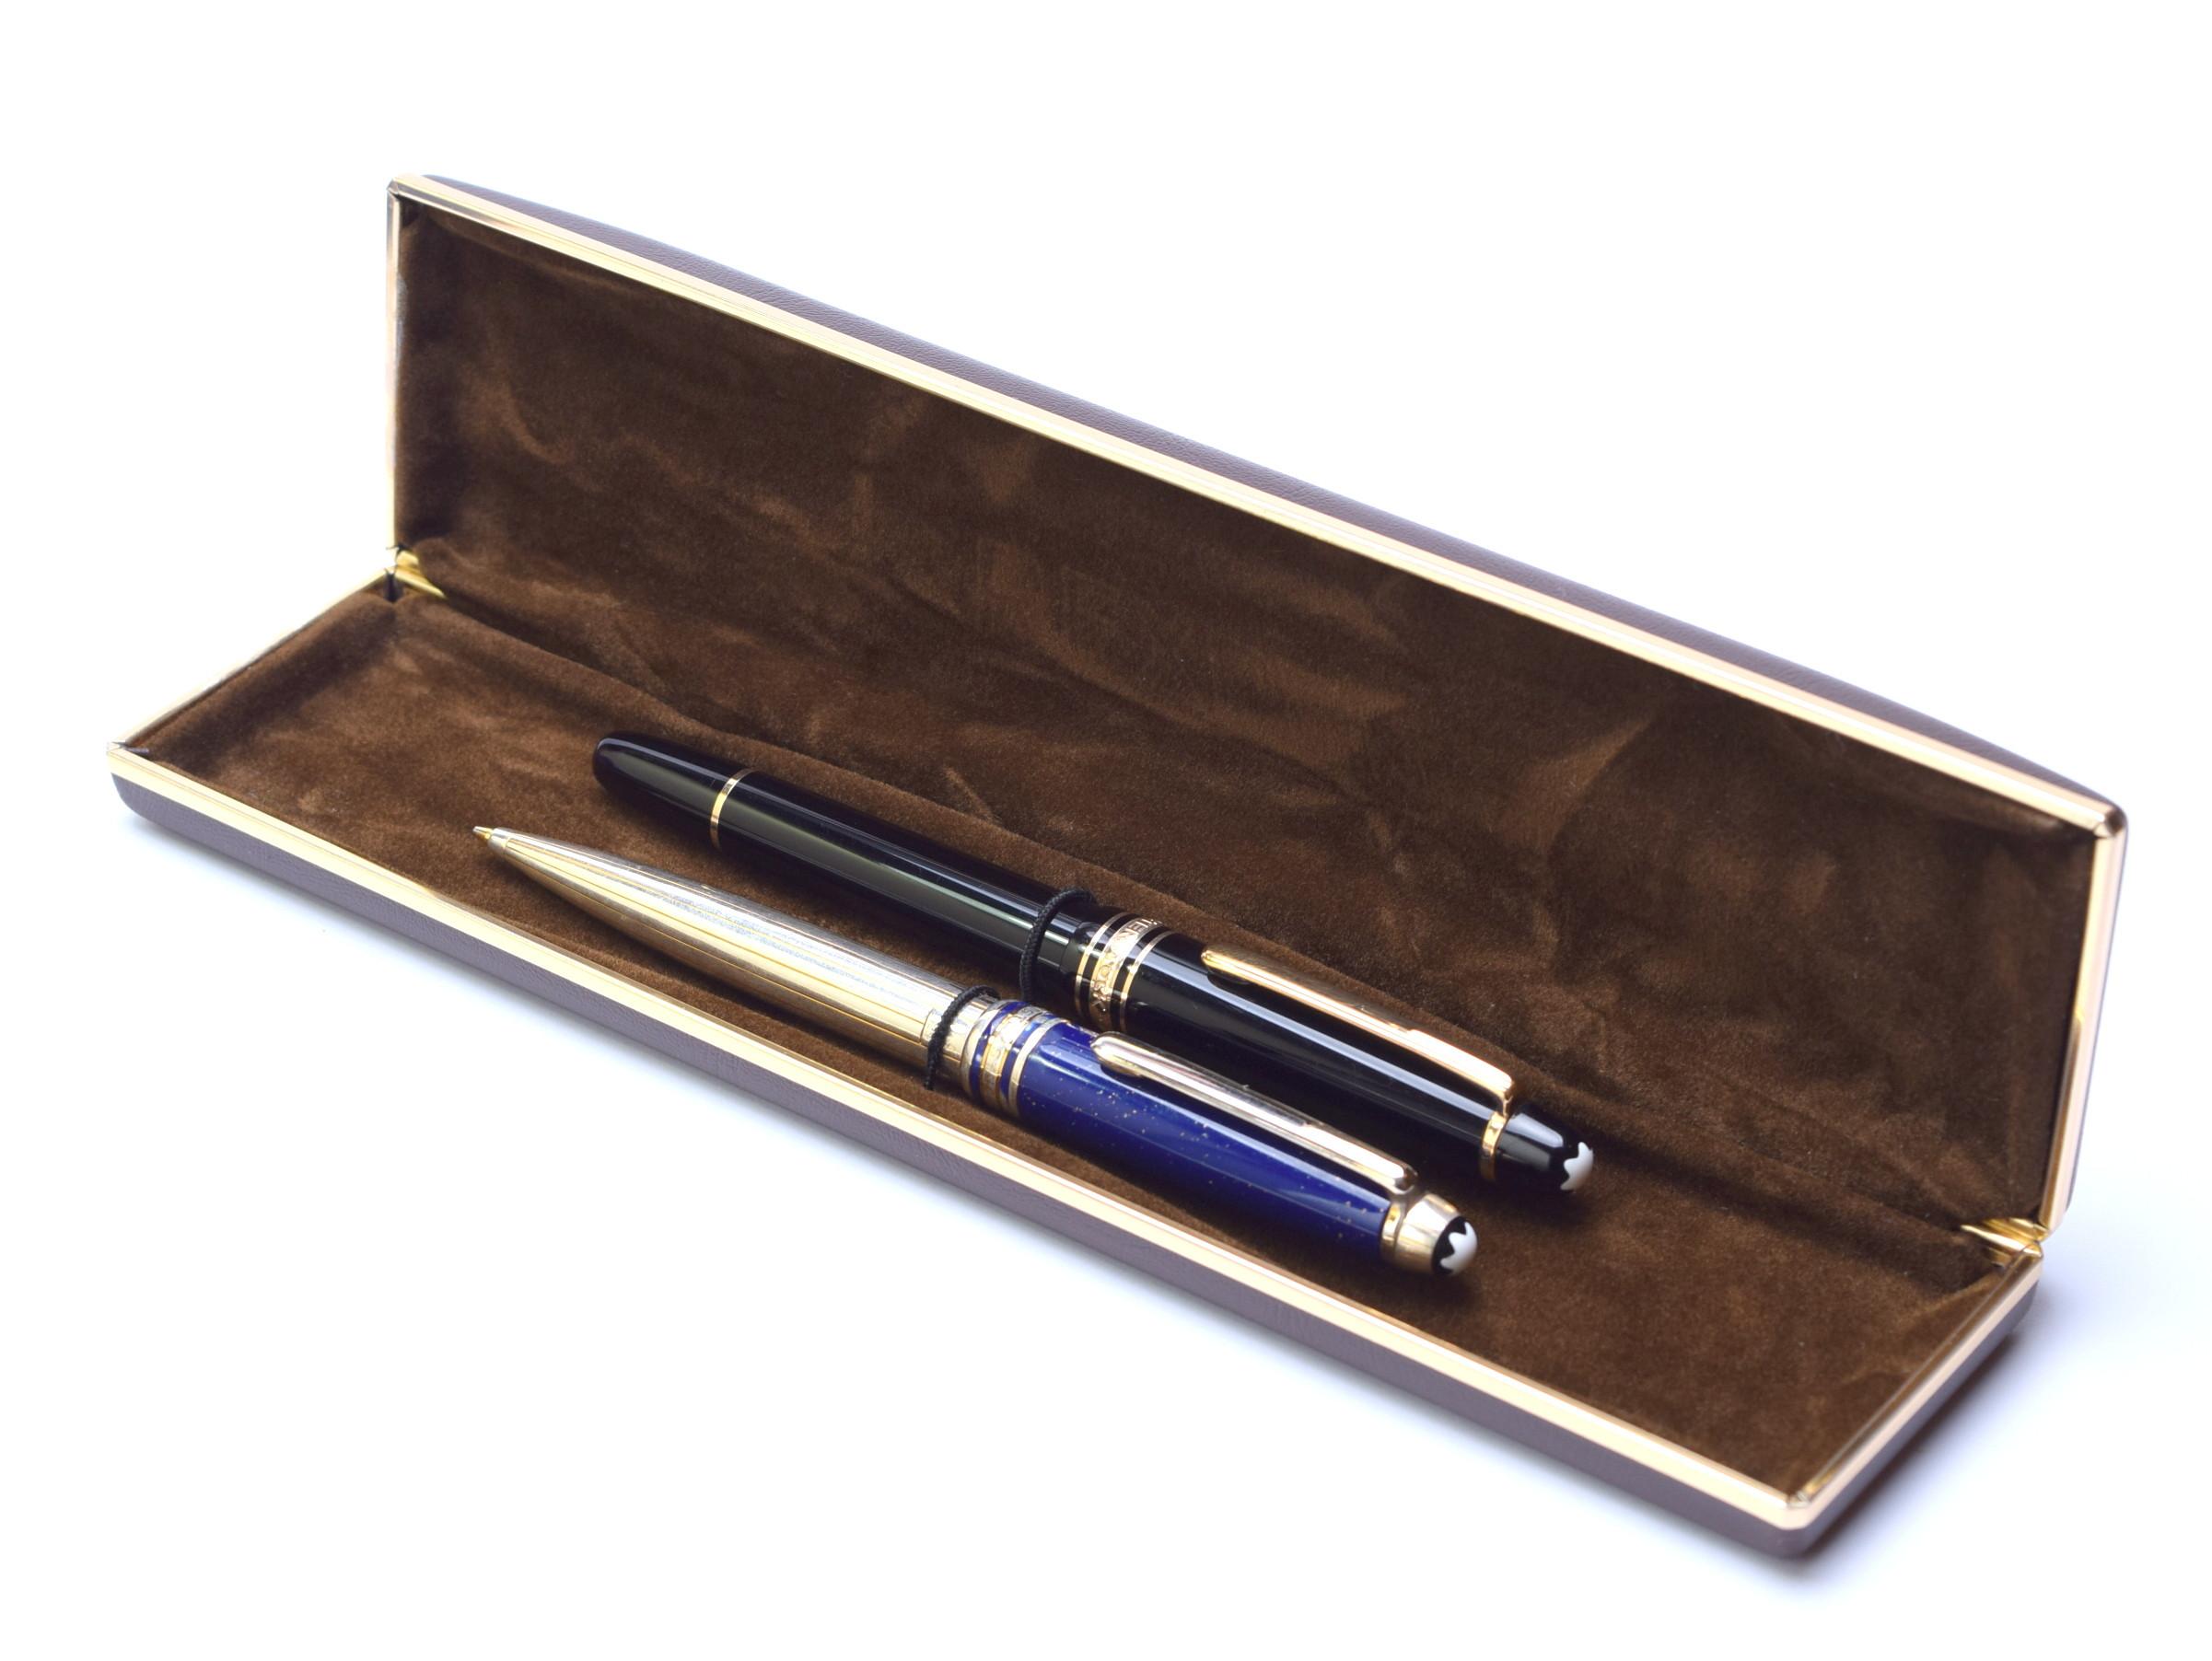 badbb22383c0 Wooden Pen Box: 3 Steps - instructables.com